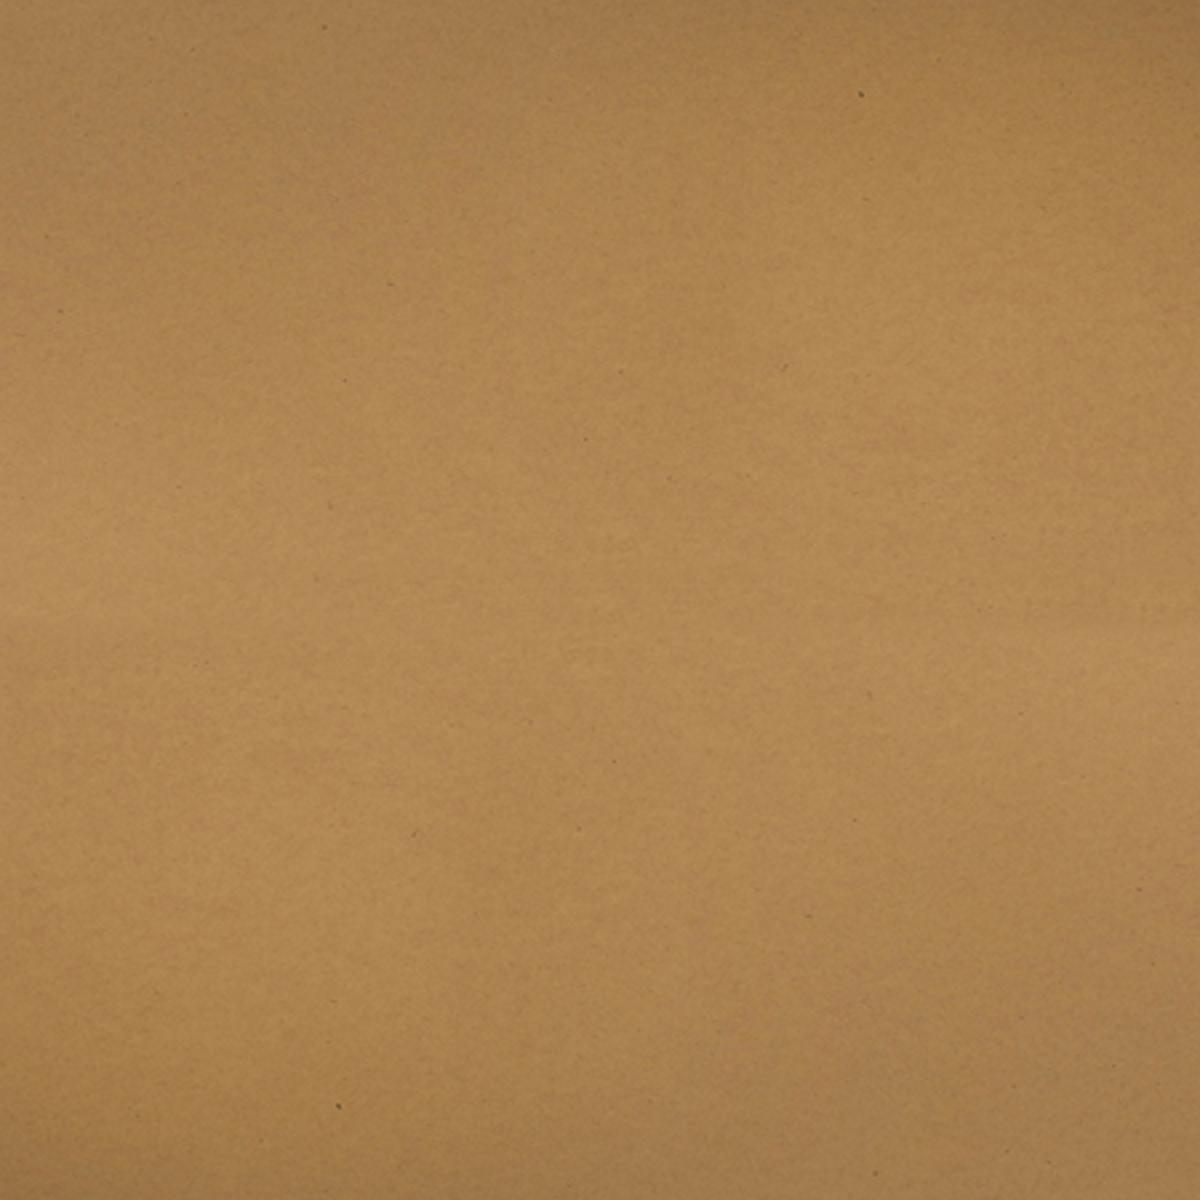 Dark Kraft Paper 12X12